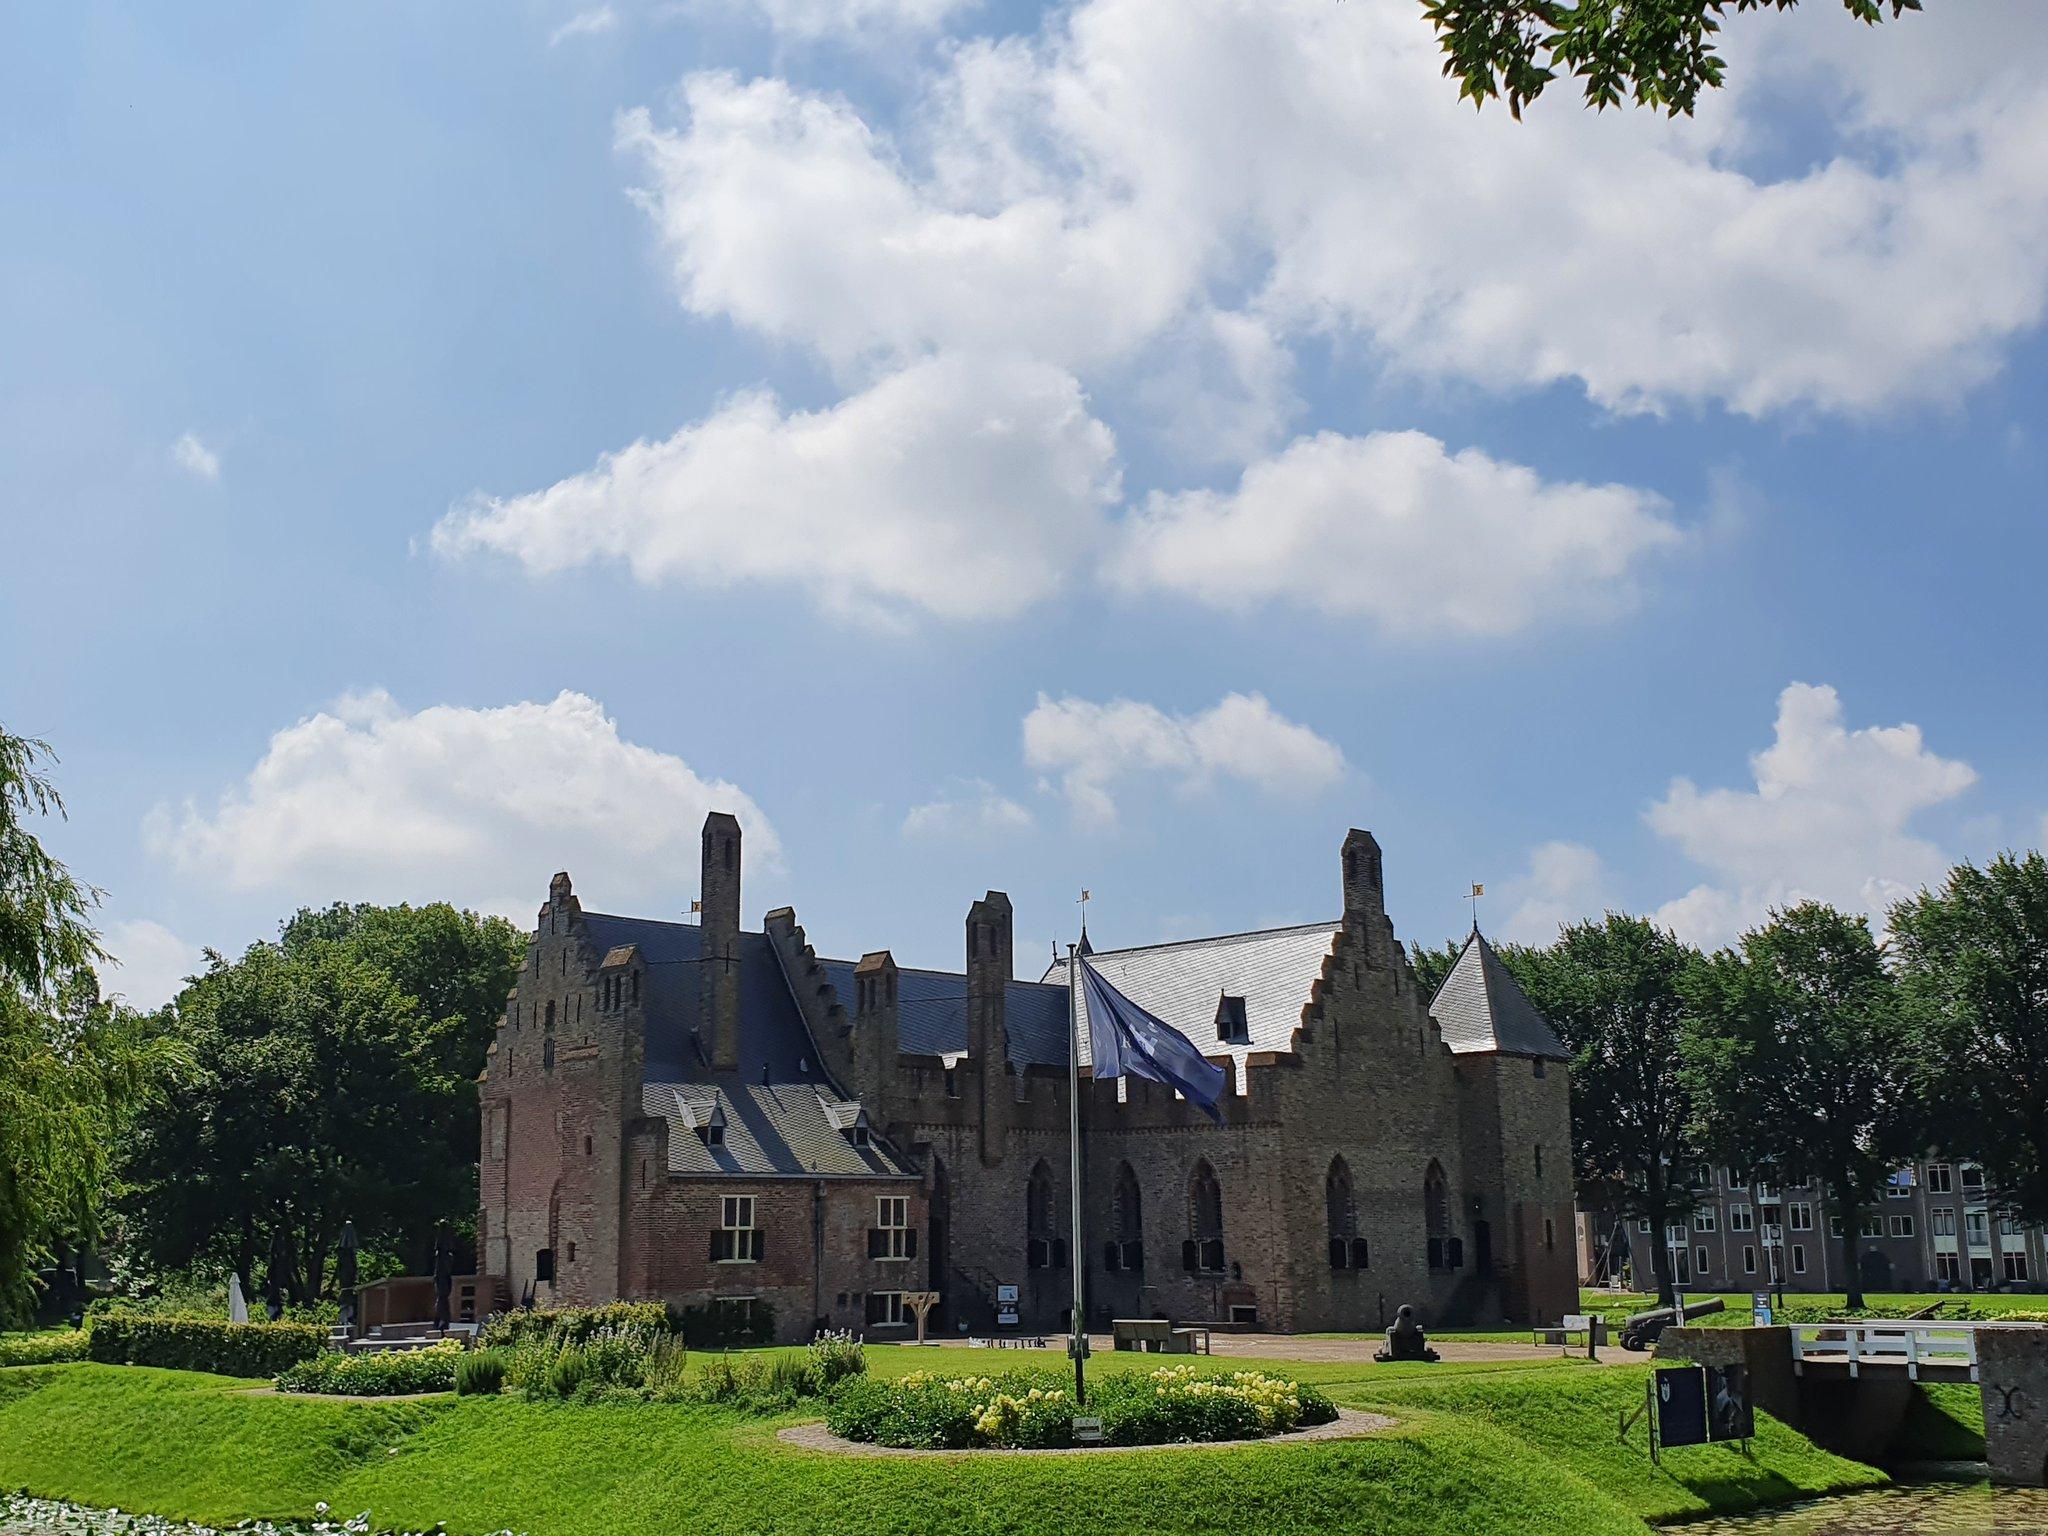 rt-wolfswandelplan-kasteel-radboud-un-medemblik-wandelbankjes-https-t-co-znd4ebm6l3